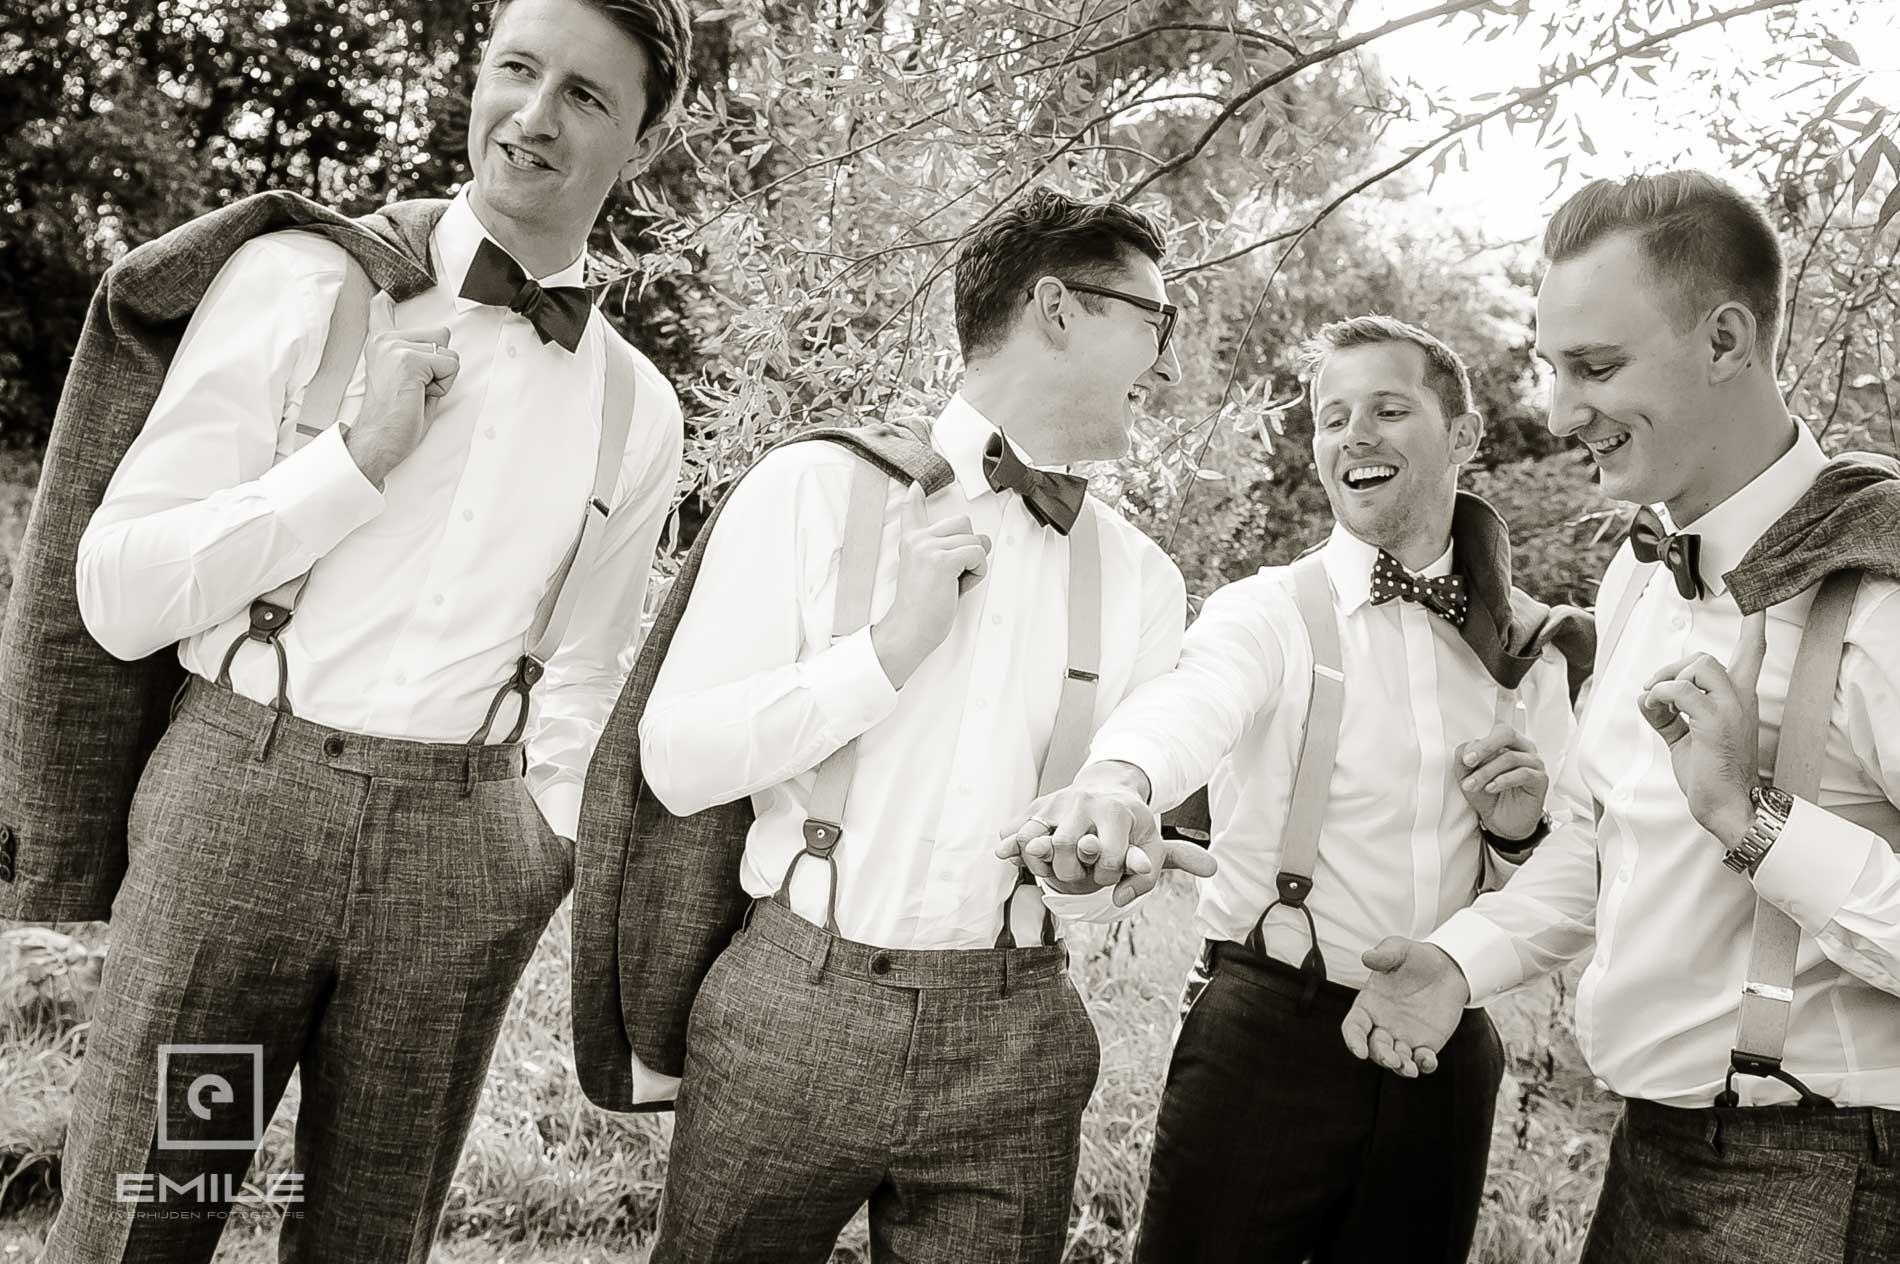 De mannen zijn samen met de bruidegom gek aan het doen met hun handen